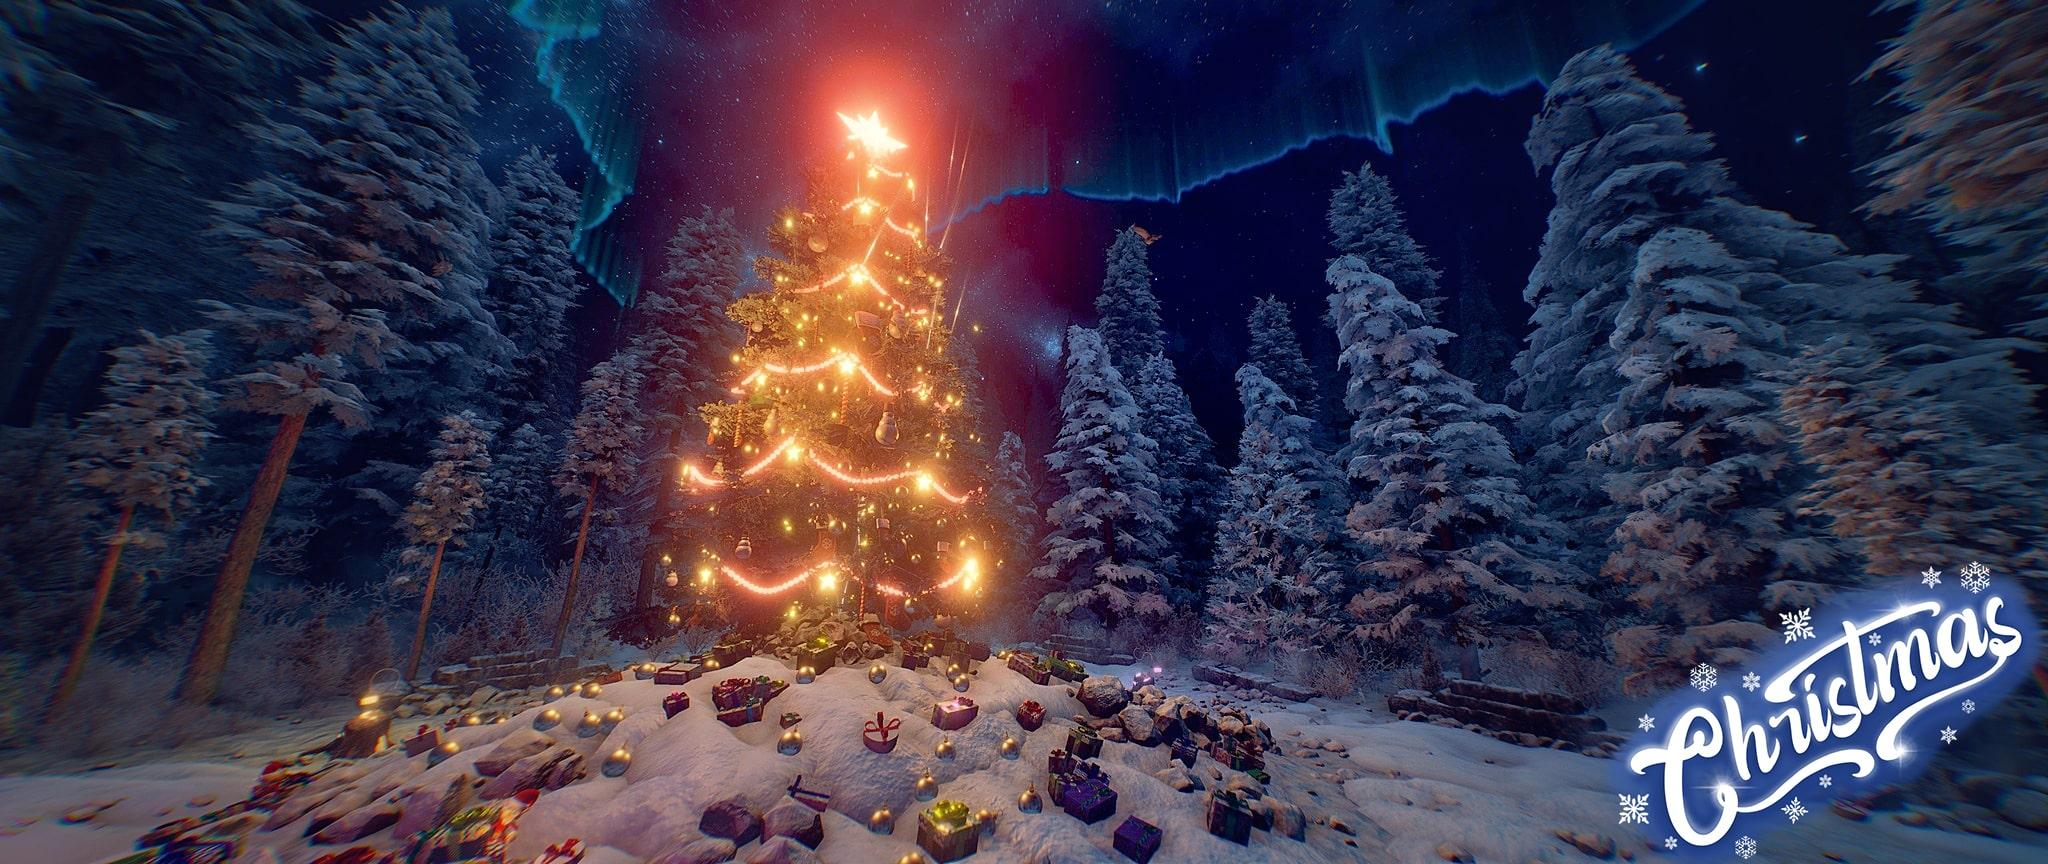 Christmas 8 1